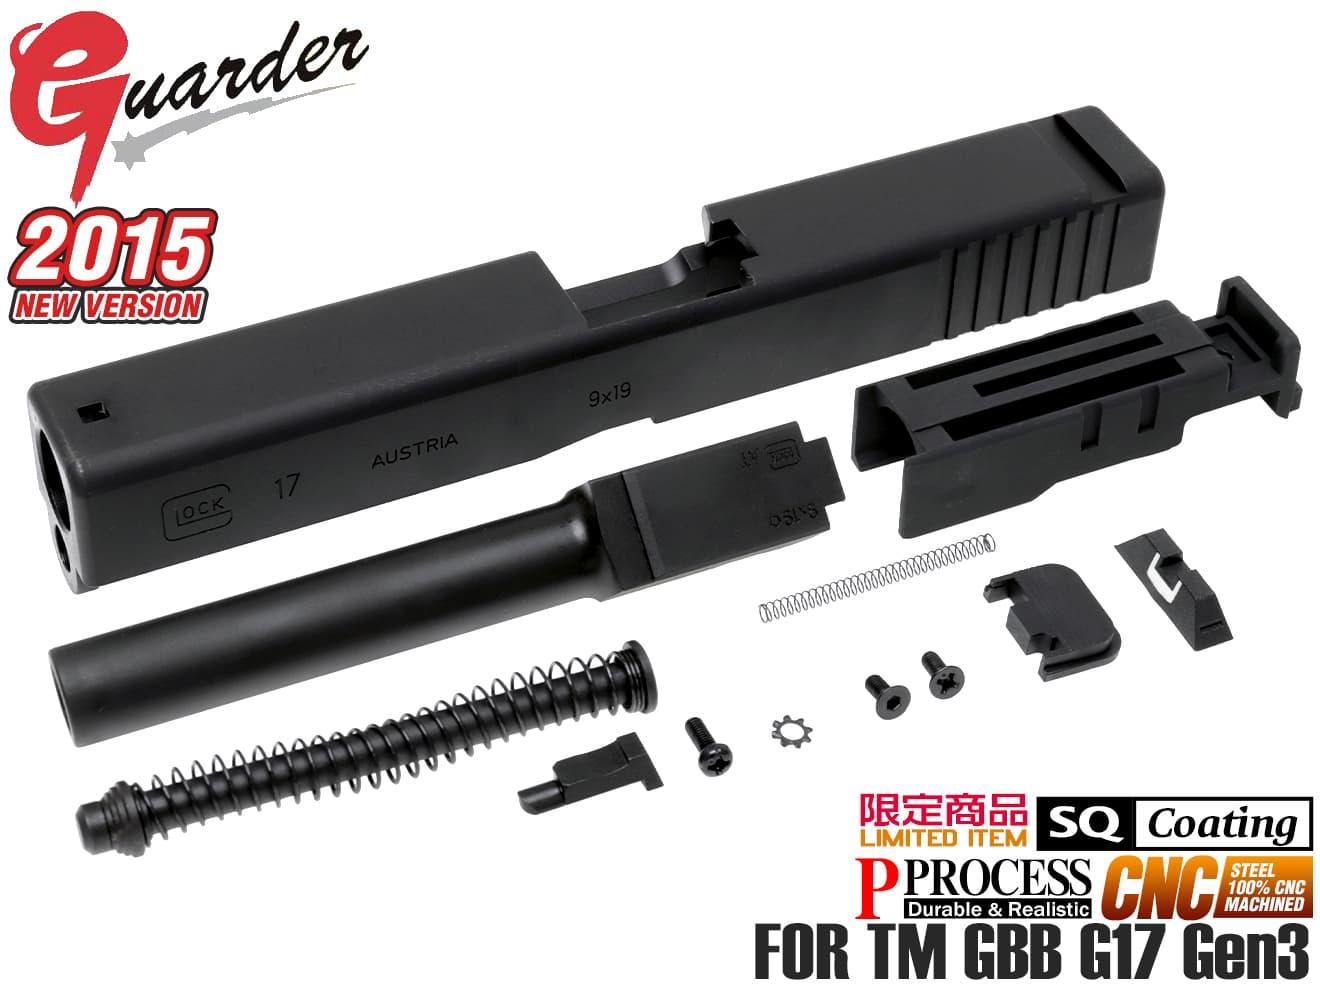 GLOCK-14(BK)■【限定/CNCで精度抜群】GUARDER G17 CNC スチールスライドキット/BK◆マルイGBB G17対応/リアル刻印/エッジーな質感/セット販売